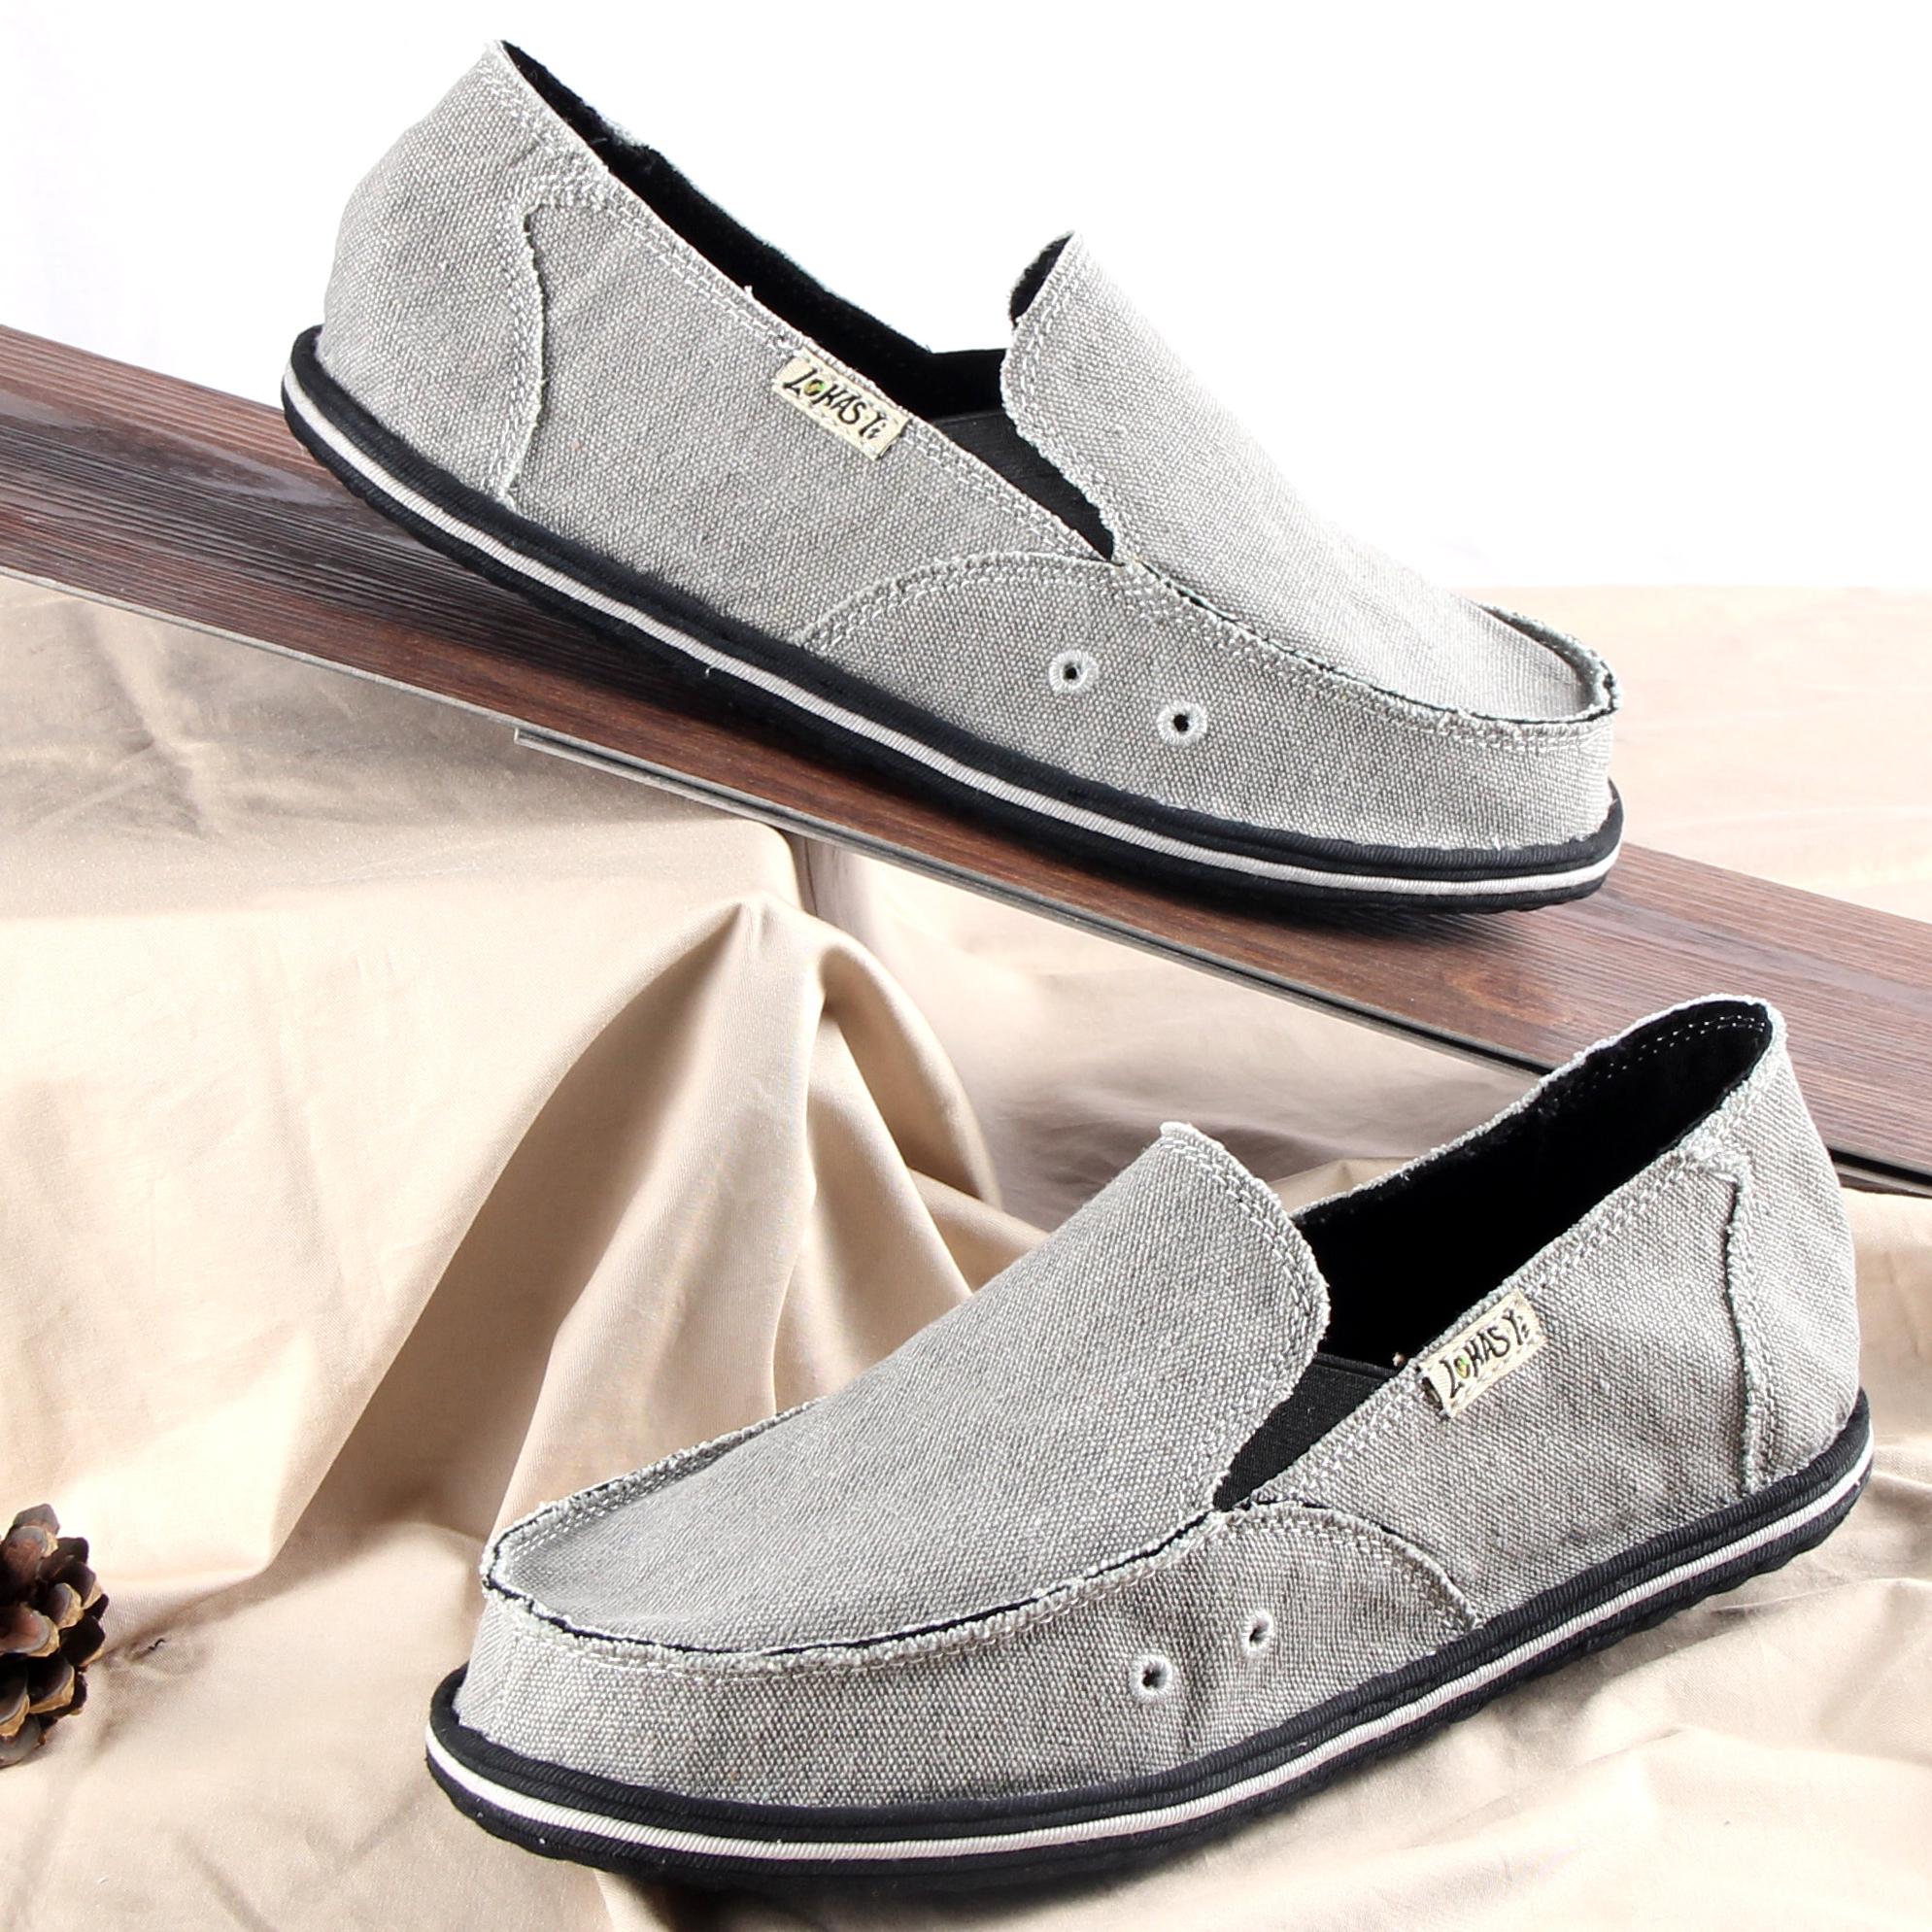 樂和 男士老北京布鞋透氣休閒舒適手工千層底布鞋 一腳蹬駕車鞋